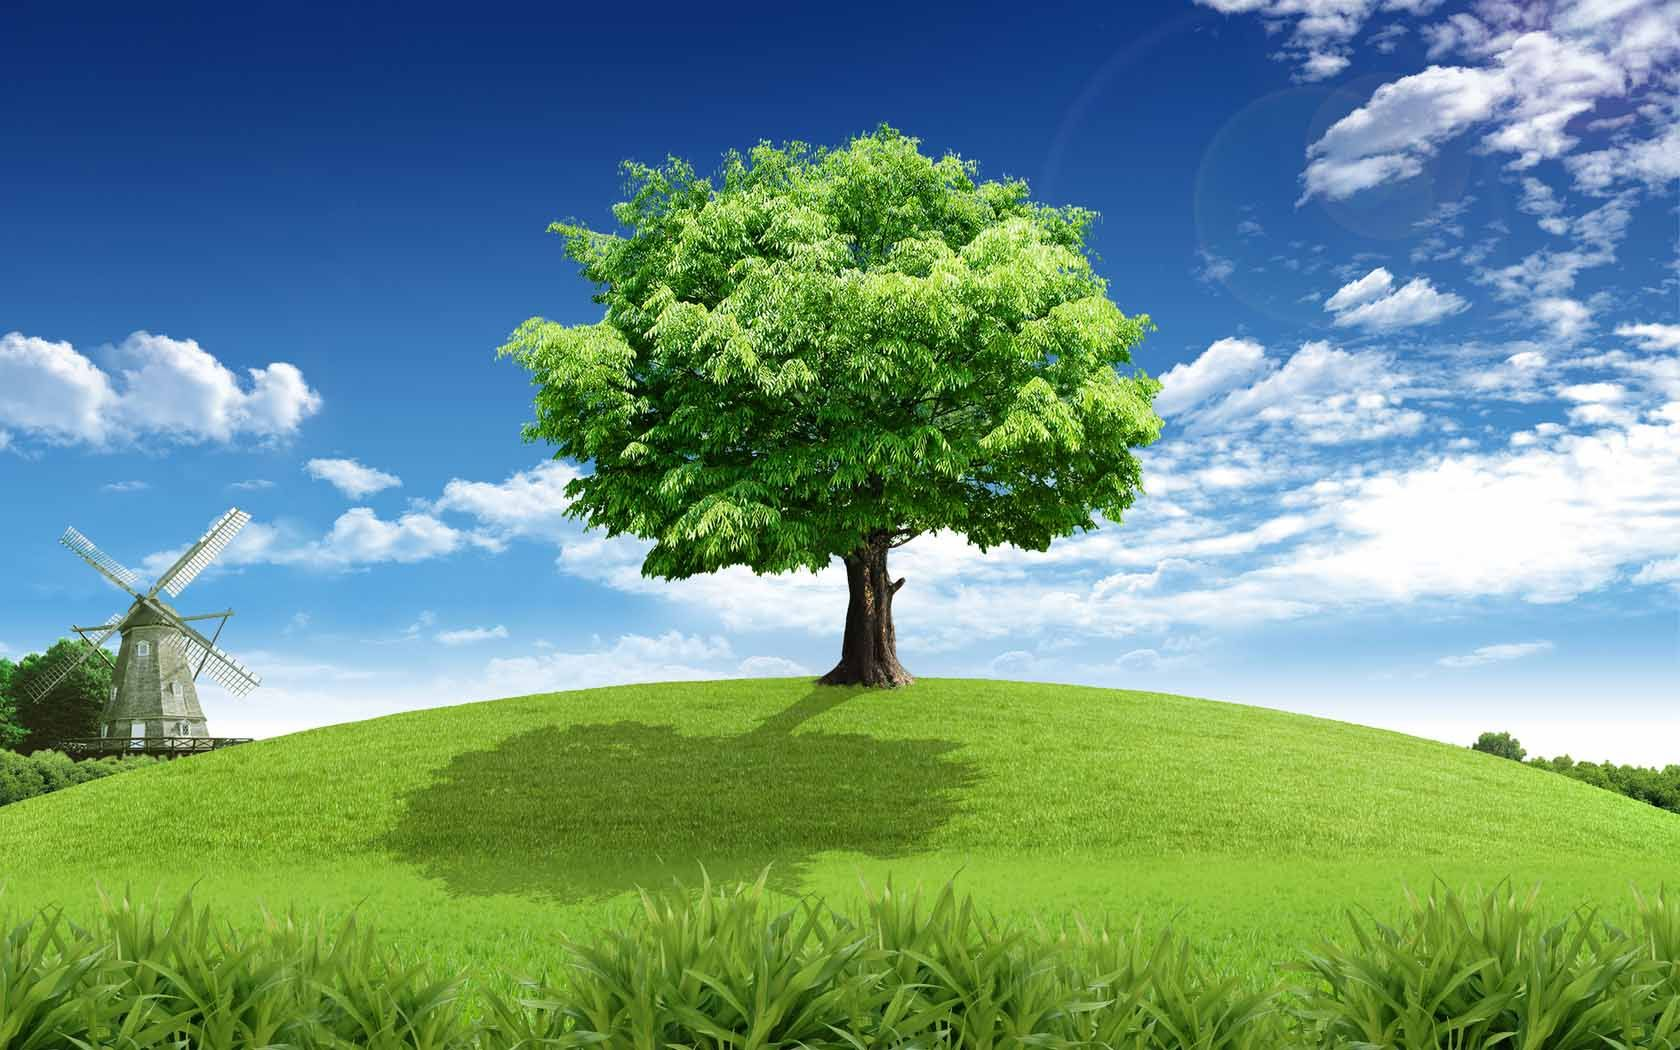 Картинки деревьев на фоне неба